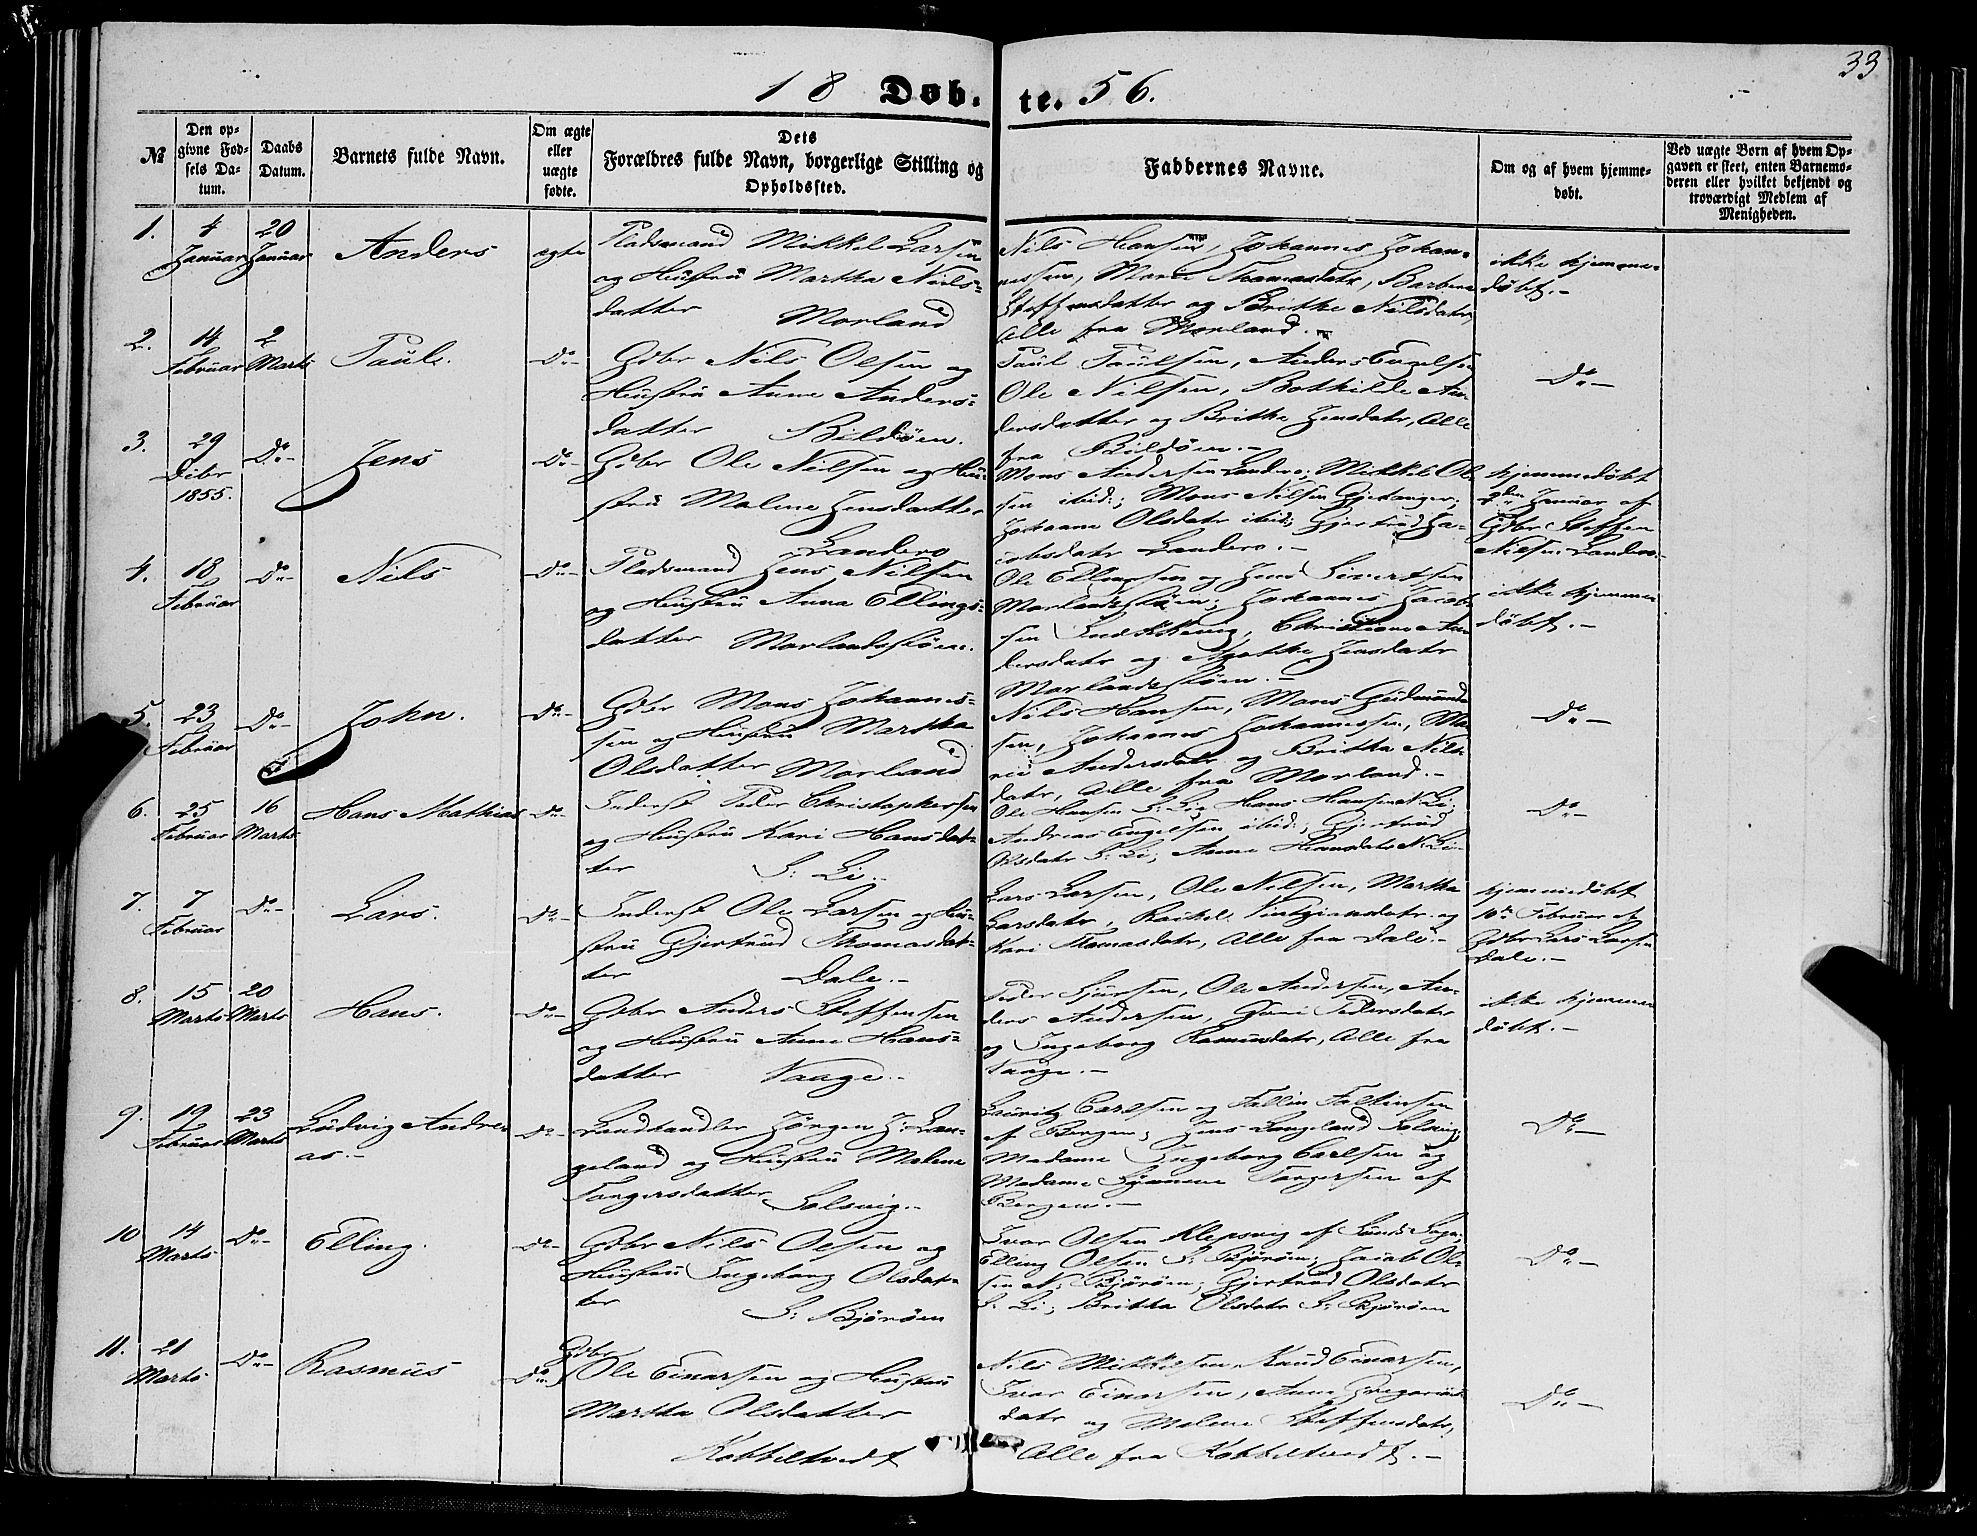 SAB, Fjell Sokneprestembete, H/Haa: Ministerialbok nr. A 2, 1847-1864, s. 33